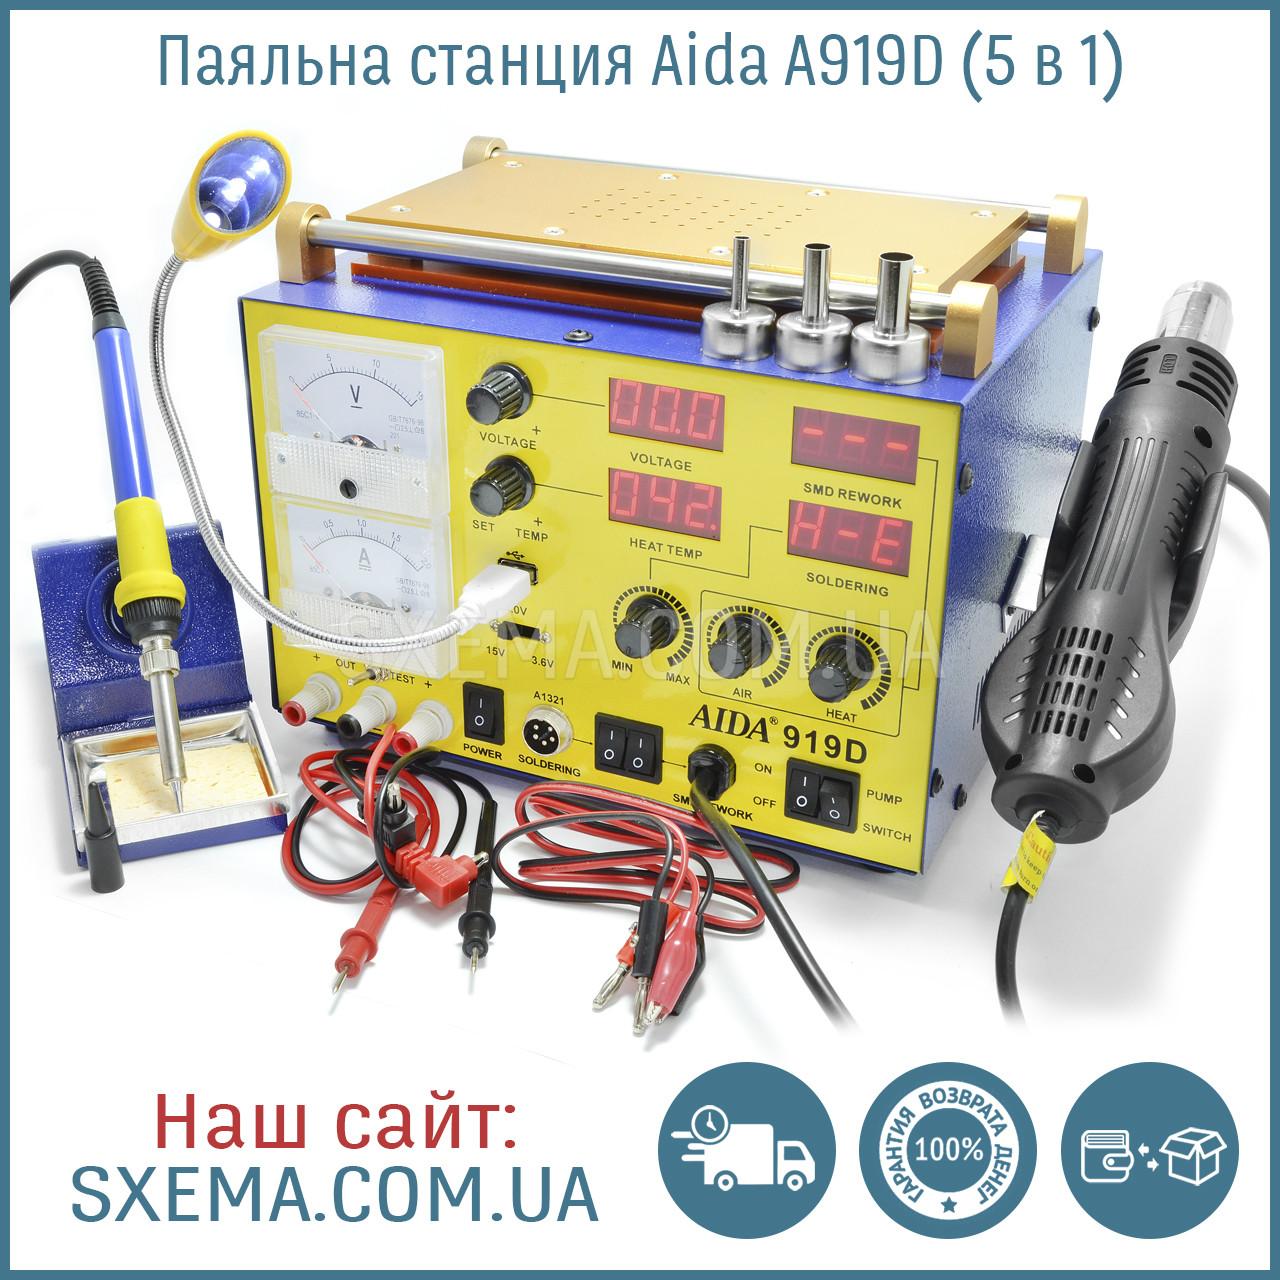 Паяльная станция Aida A-919D паяльник + фен + вакуумный сепаратор + блок питания 15V 2A